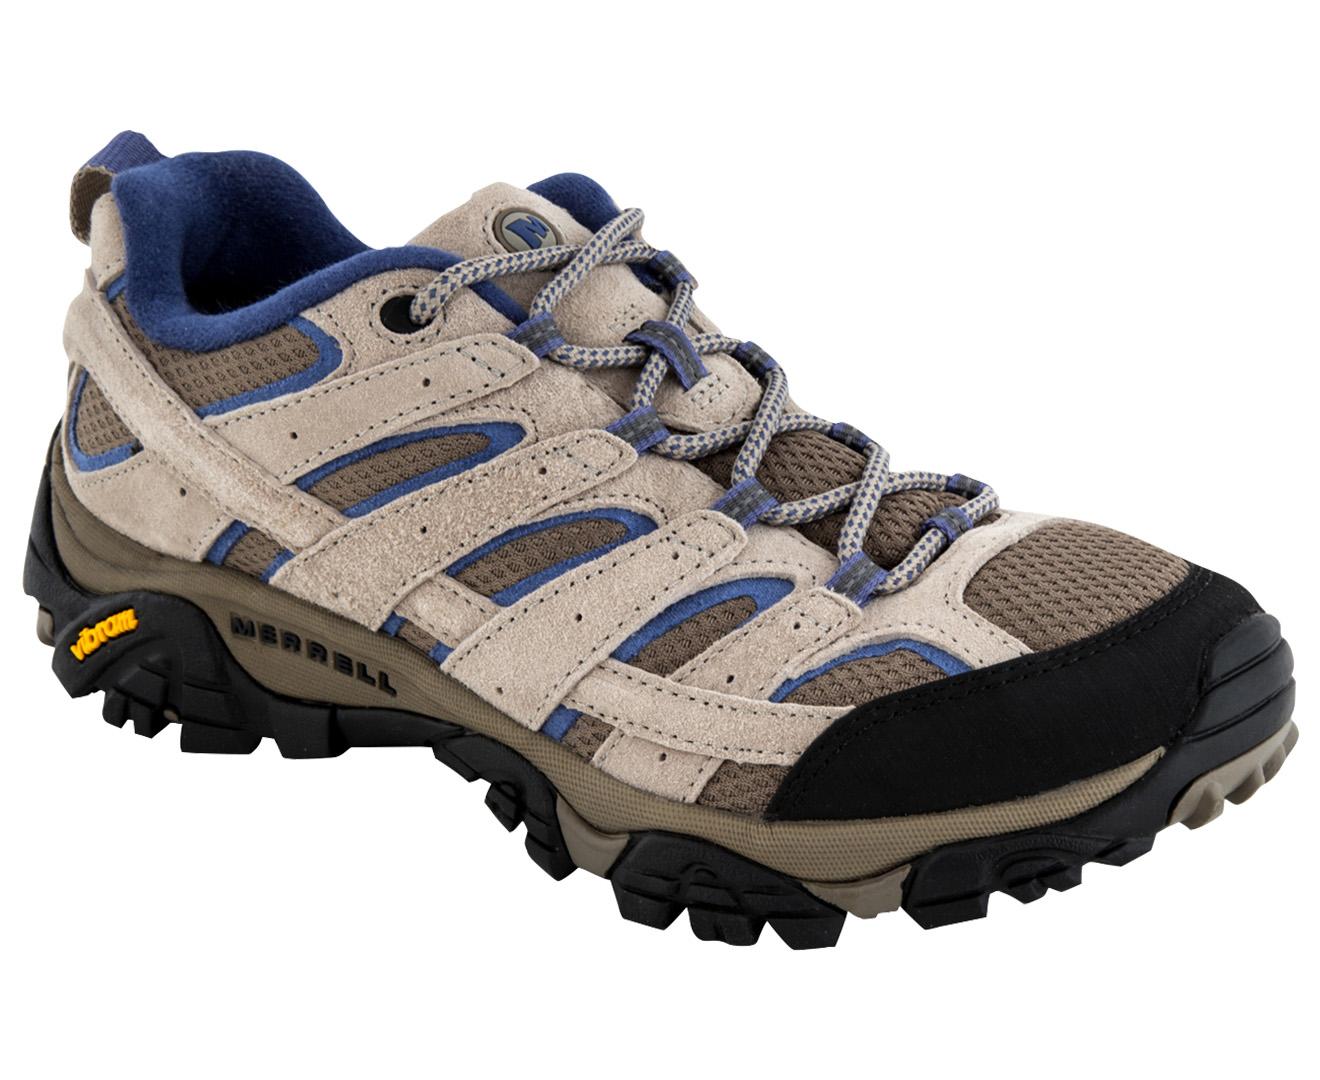 80192175 Merrell Women's Moab 2 Ventilator Shoe - Aluminium/Marlin